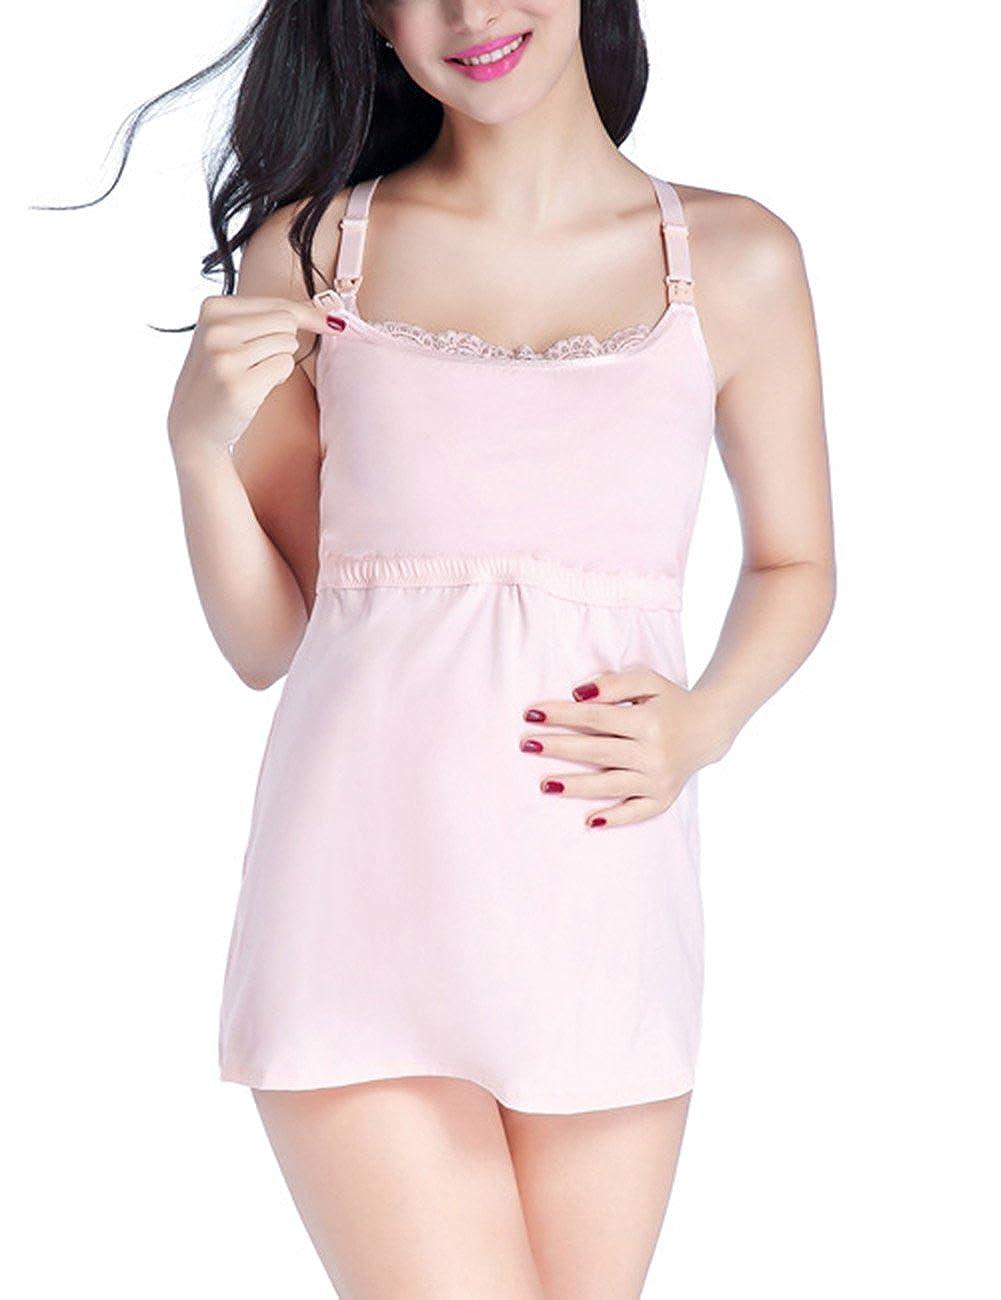 Zantec Pijama cómoda para embarazadas, Chaleco de lactancia de gran tamaño flojo embarazada chaleco Sexy ropa interior de encaje pijamas de regalo: ...